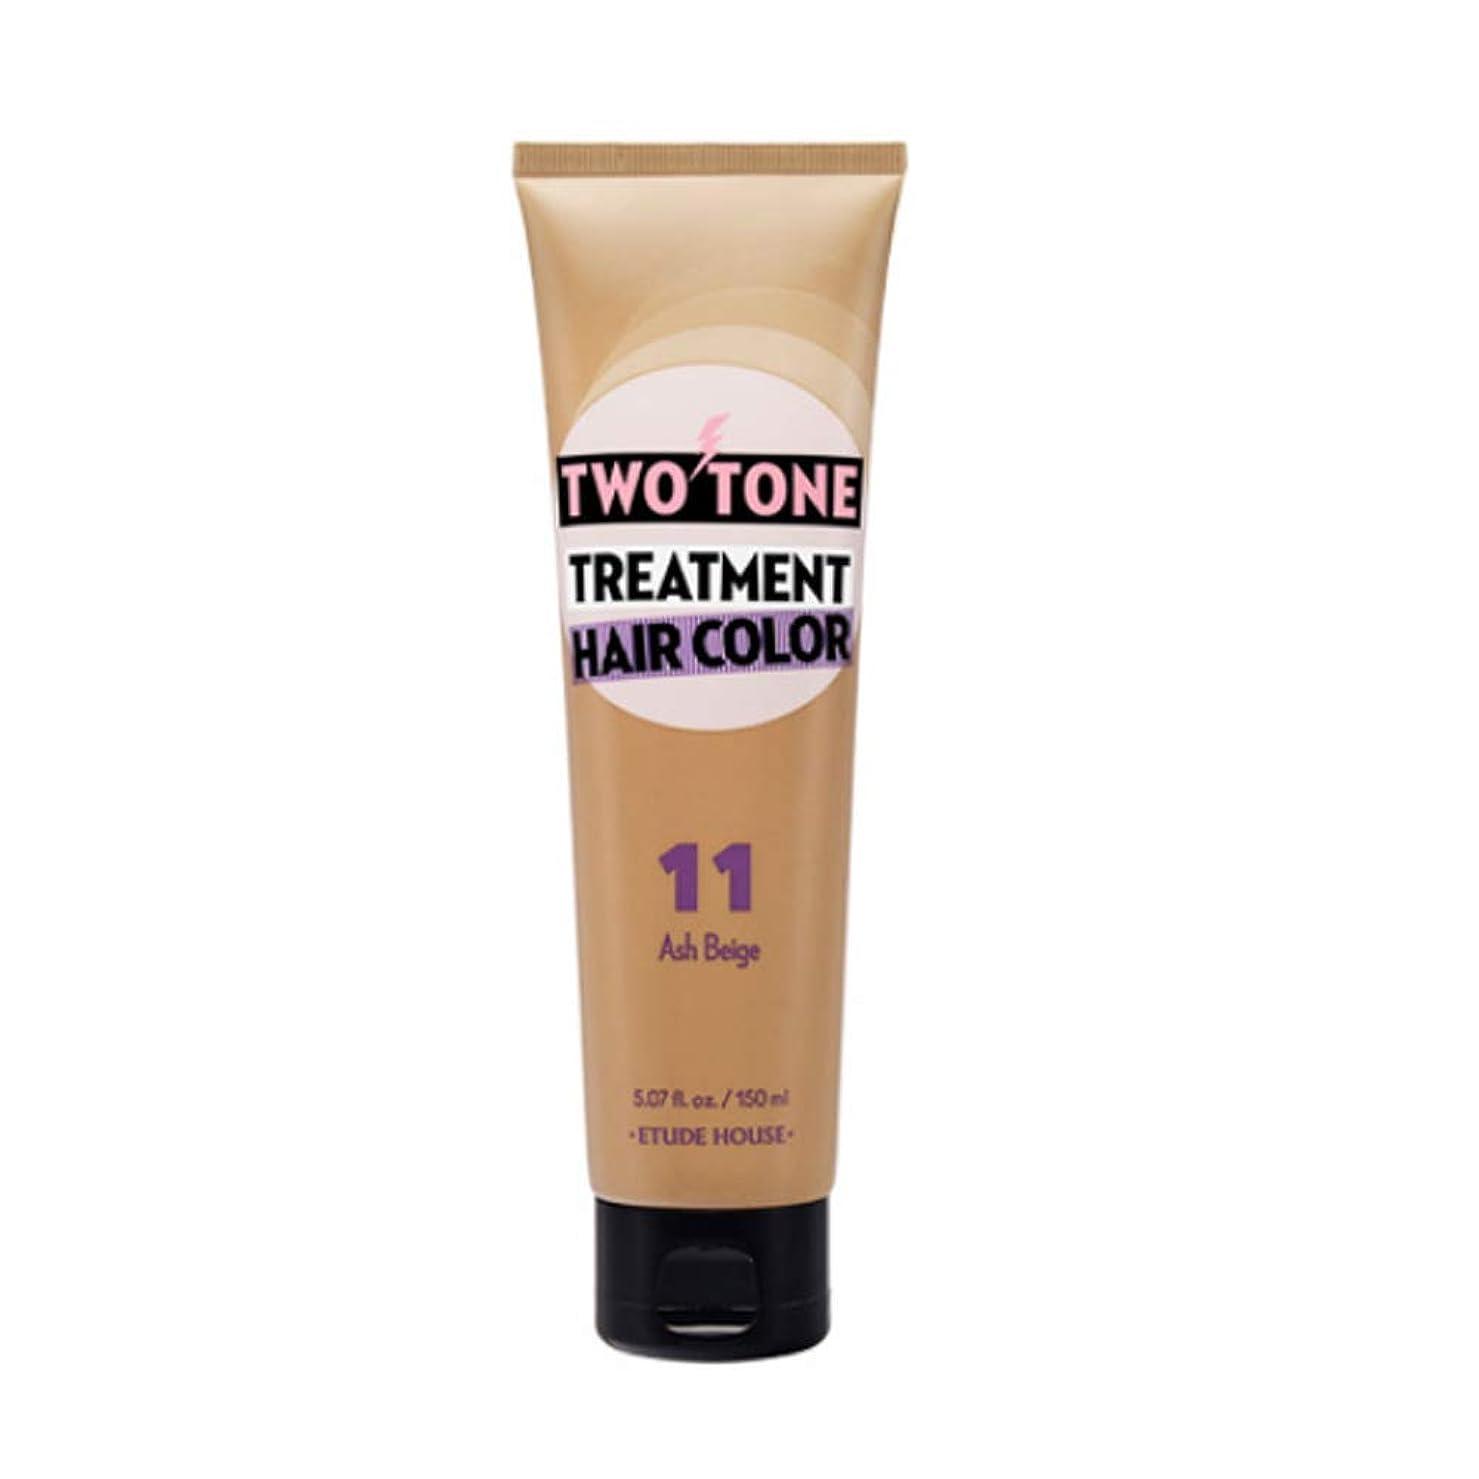 軽蔑構成気になるETUDE HOUSE Two Tone Treatment Hair Color (#11 Ash Beige) エチュードハウス ツートントリートメントヘアカラー150ml (#11 アッシュベージュ)